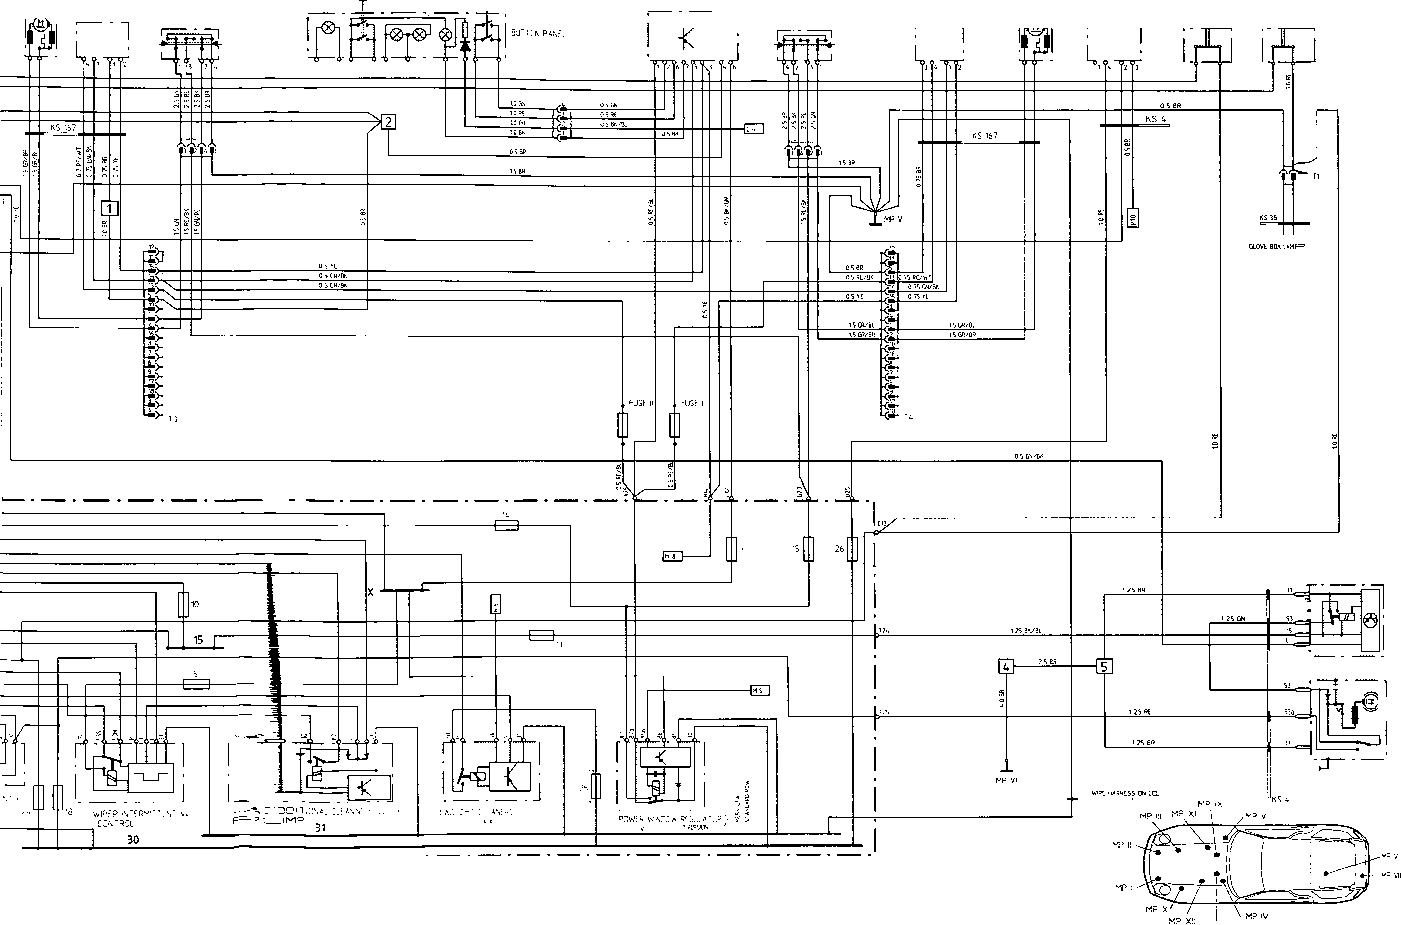 1987 porsche 924s wiring diagram  porsche  auto wiring diagram